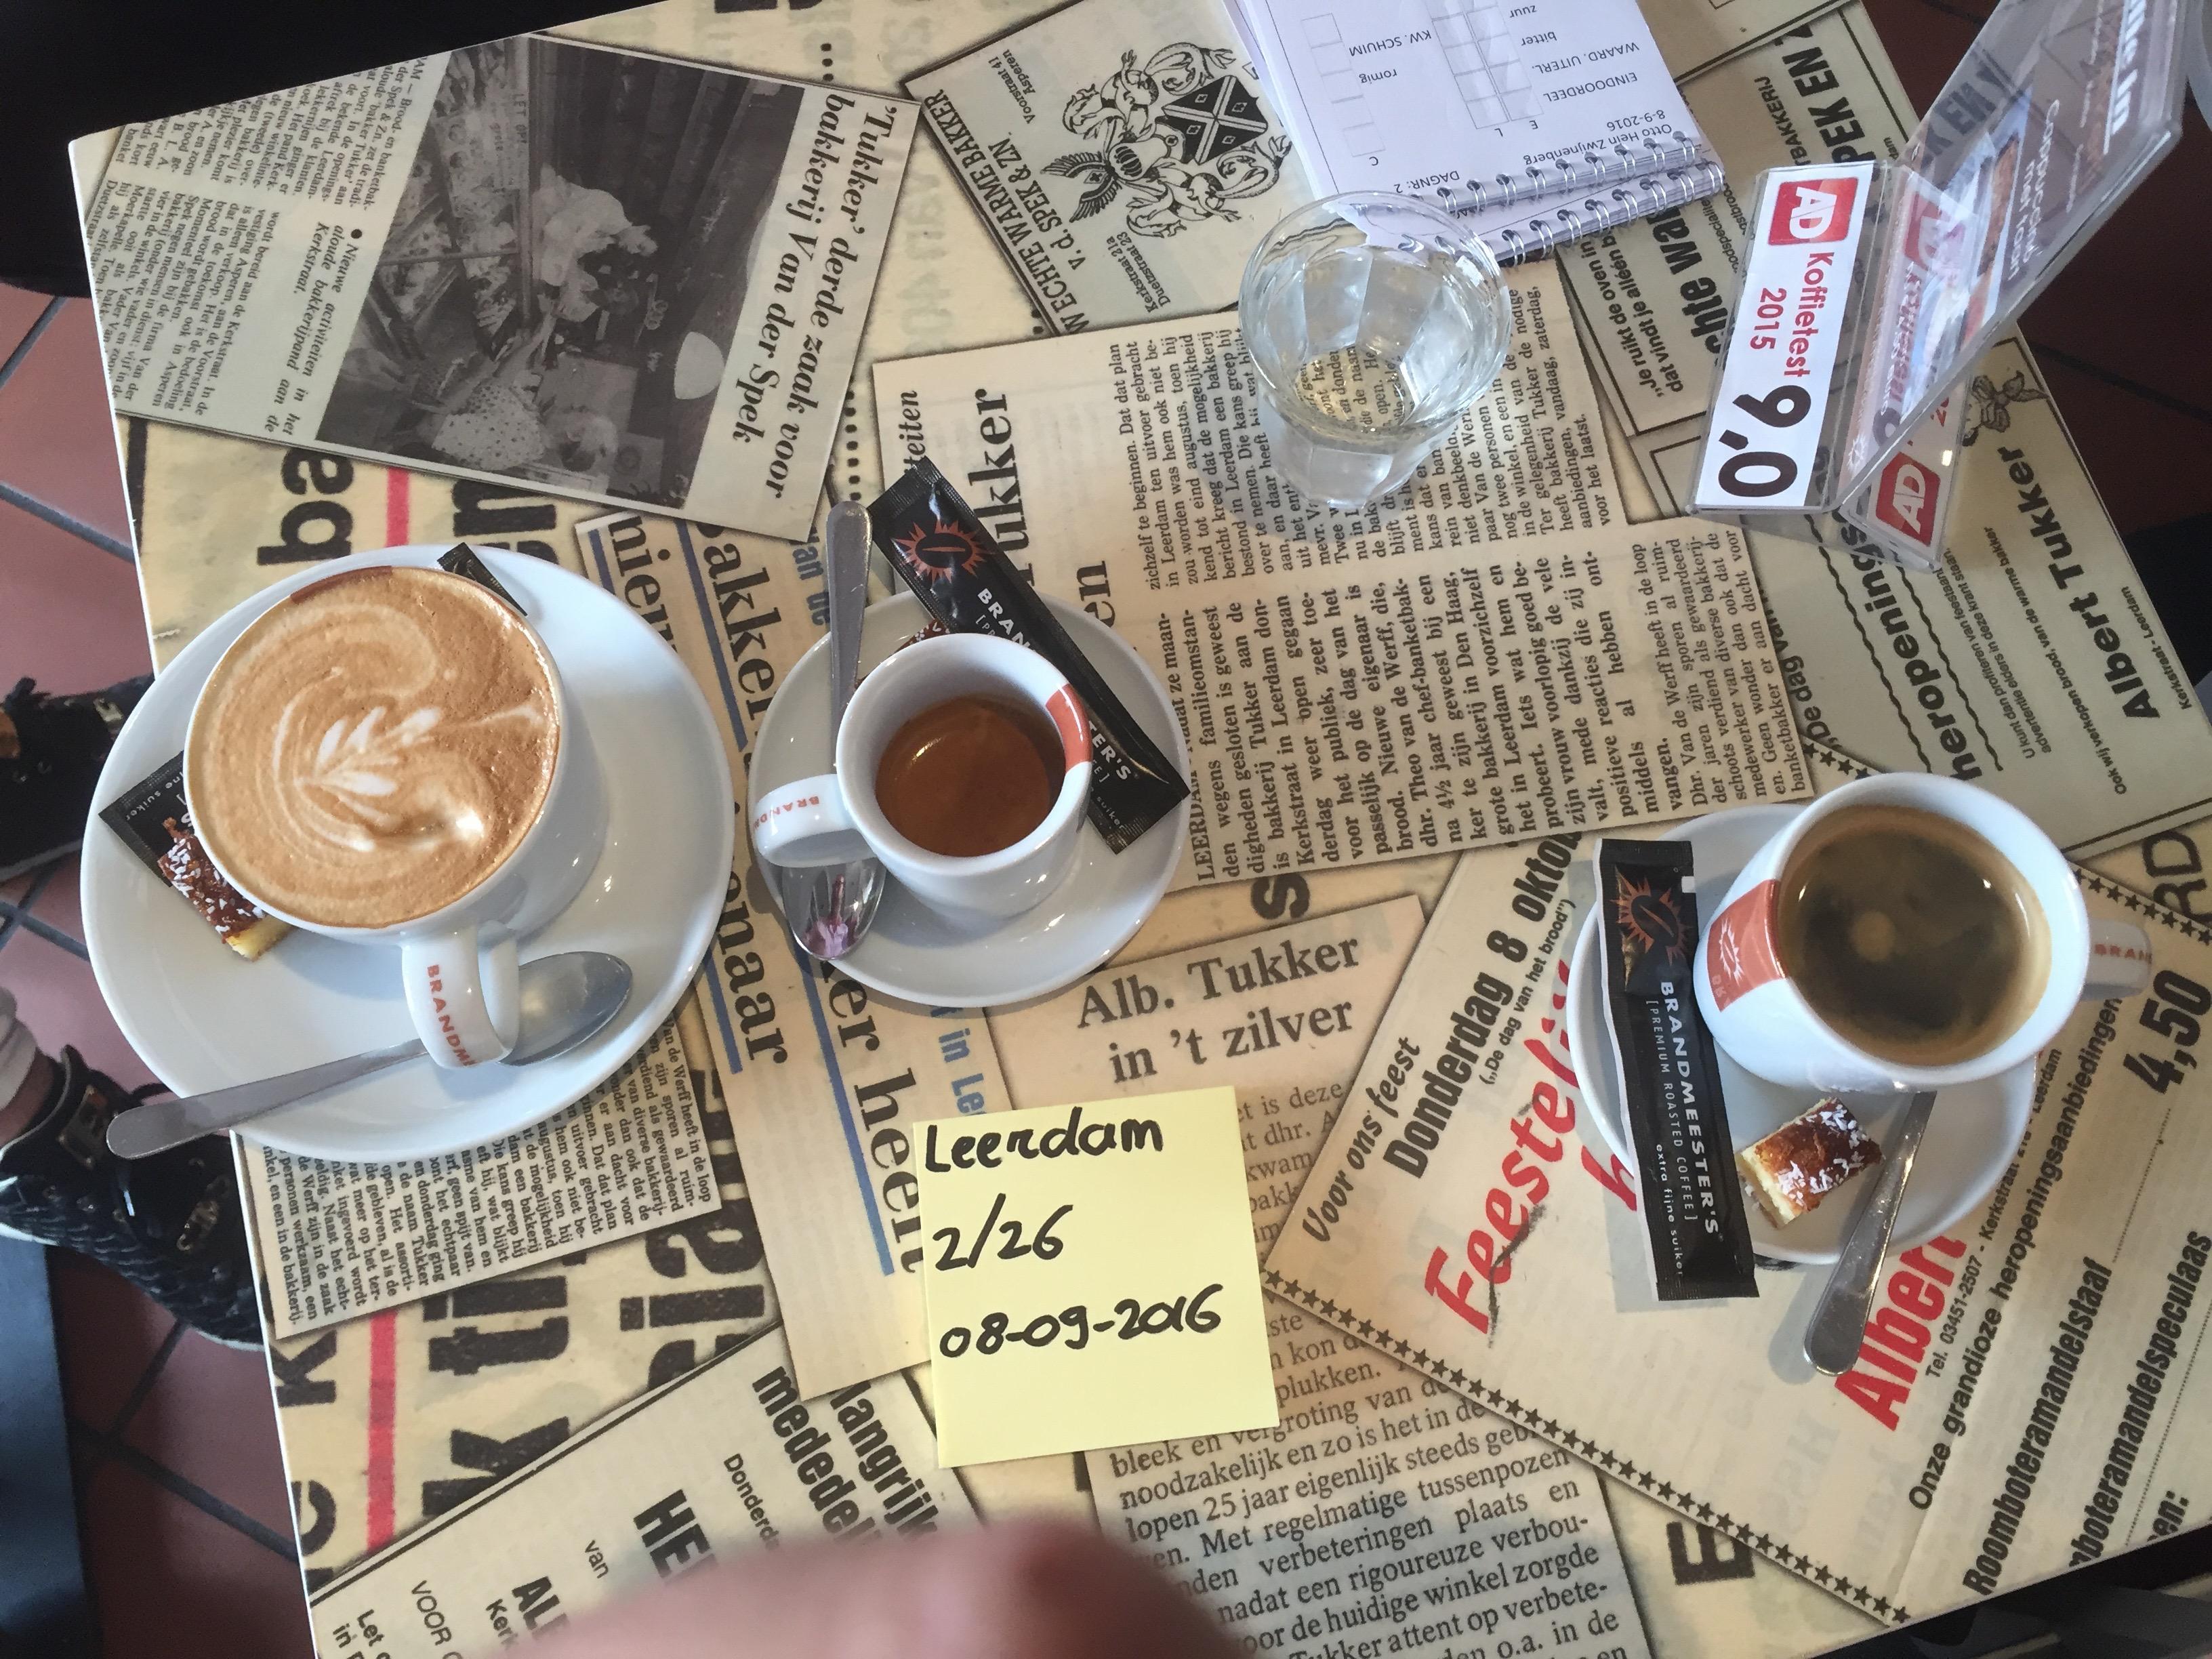 Koffie in de bakkerij